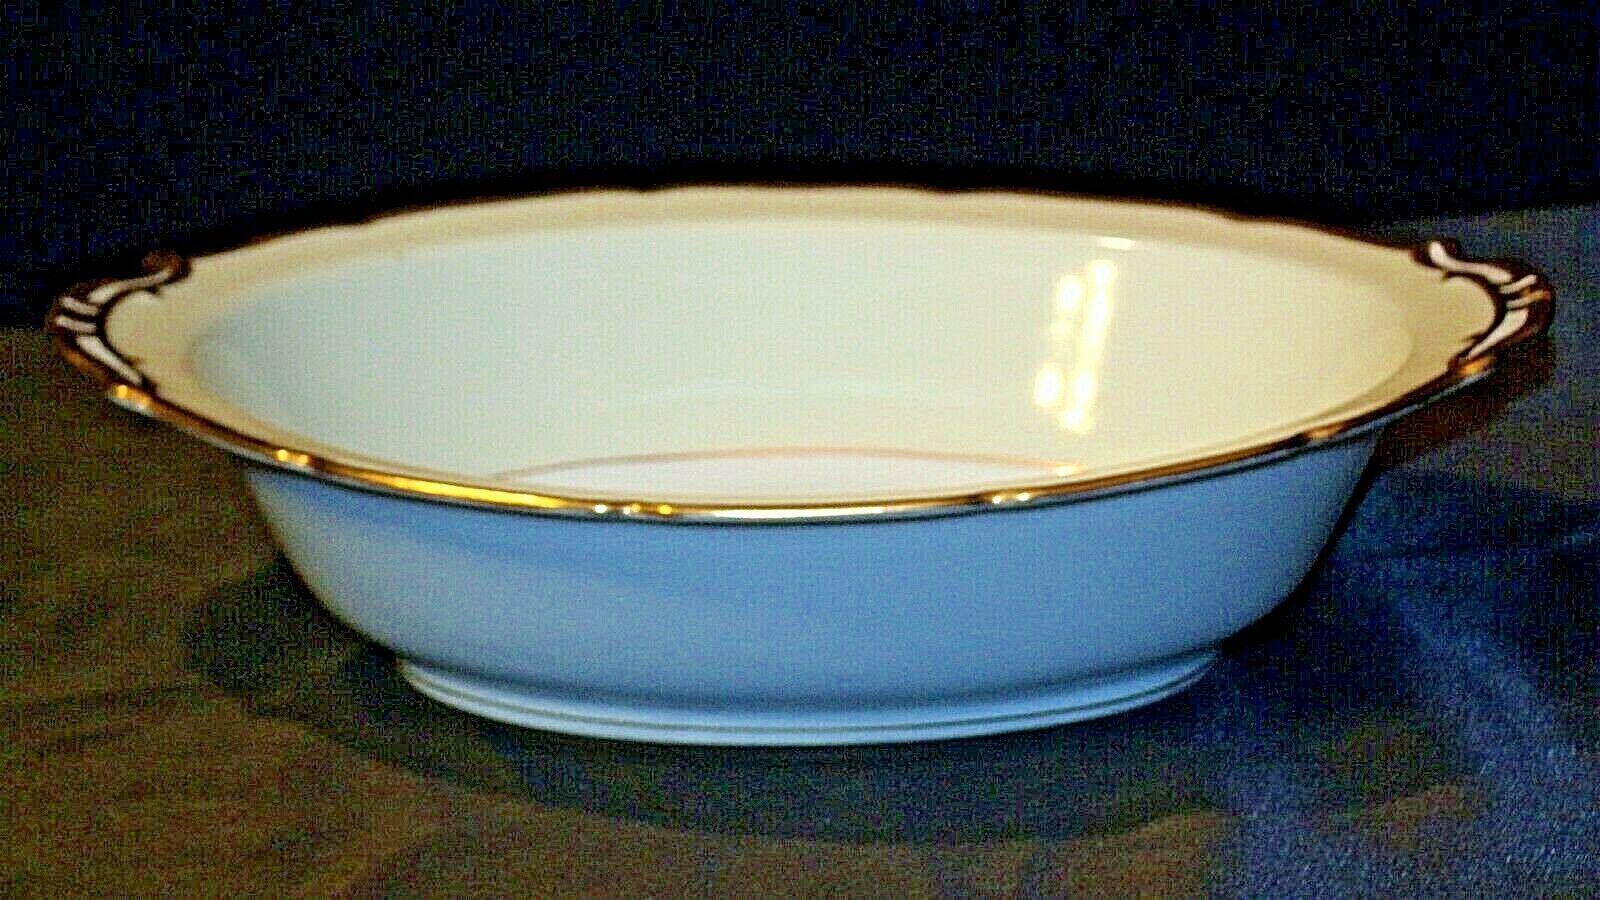 Noritake China Japan Goldora 882 Serving Bowl AA20-2138 Vintage